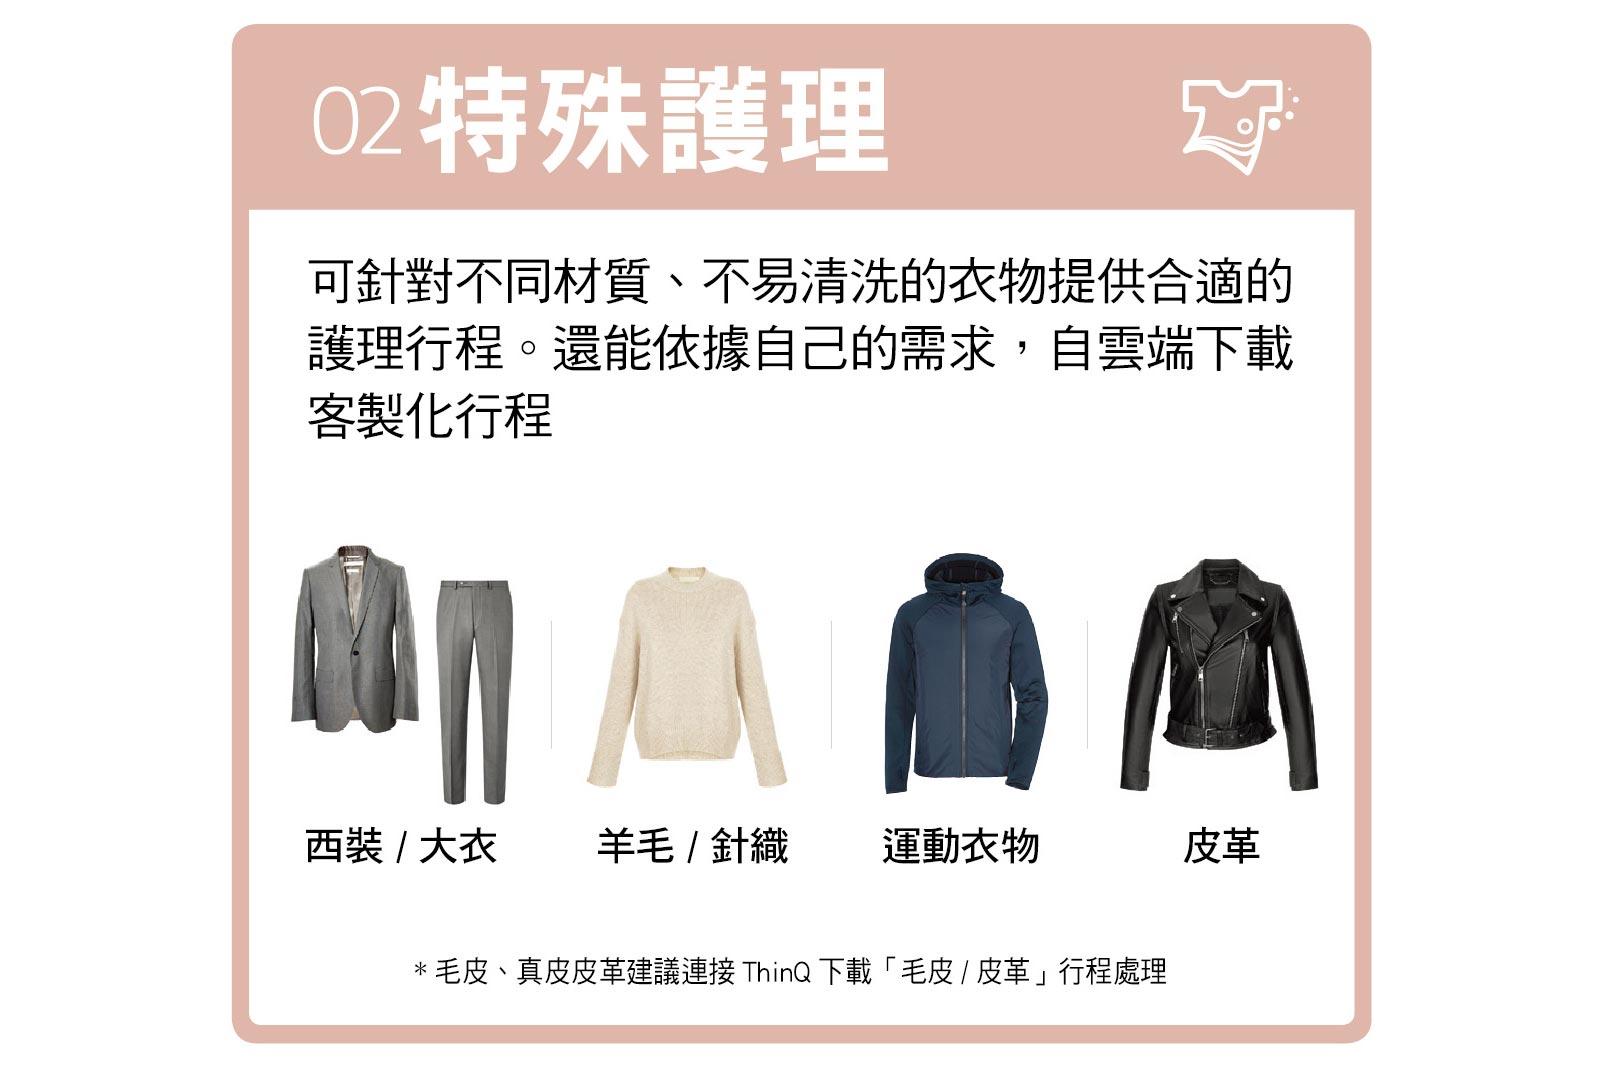 styler-newfeature2-D-11122020